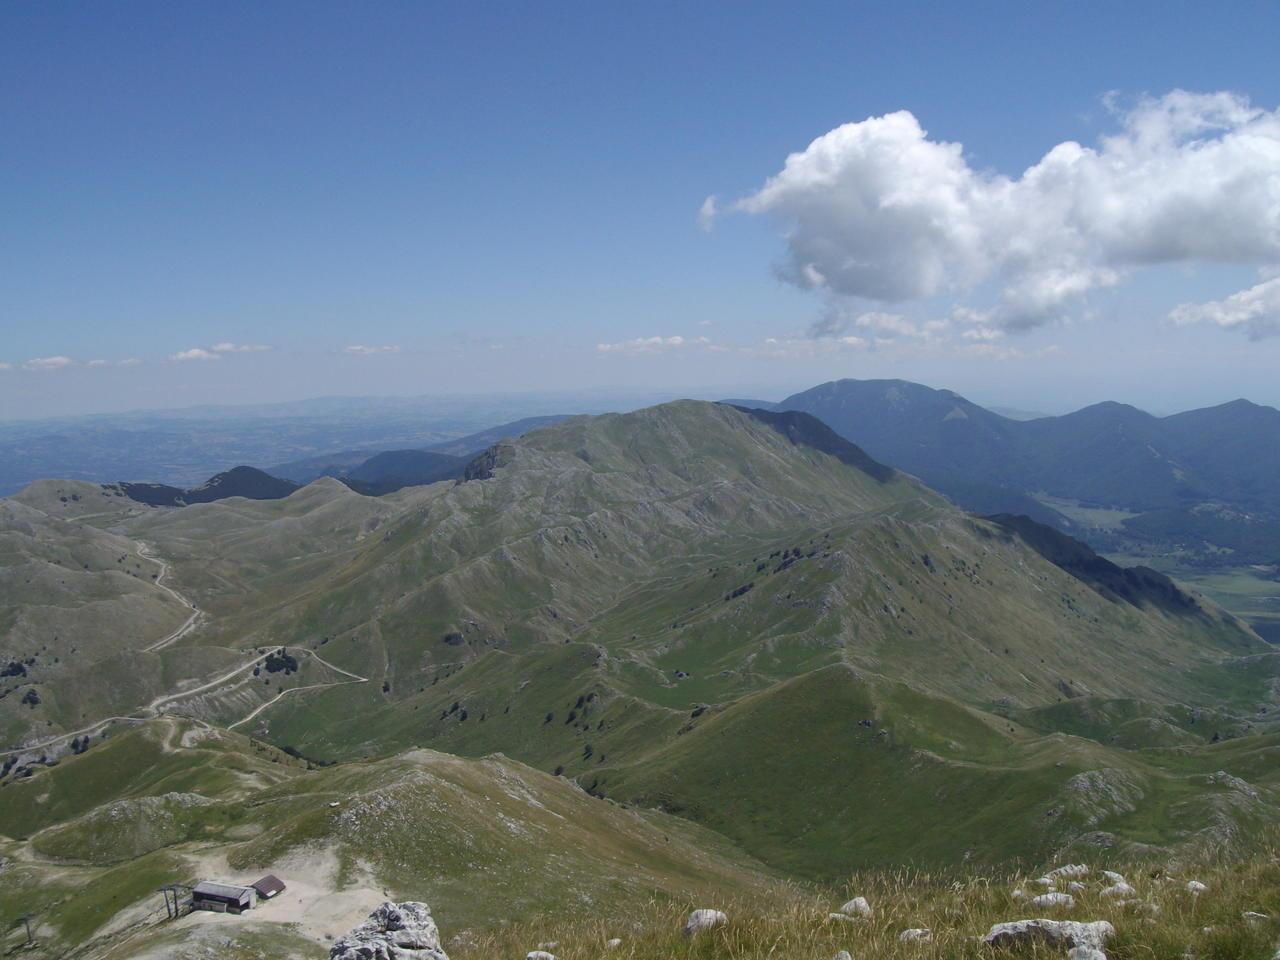 Matese, Campania, 19 giugno 2013 e nowcasting estate 2013-021.jpg